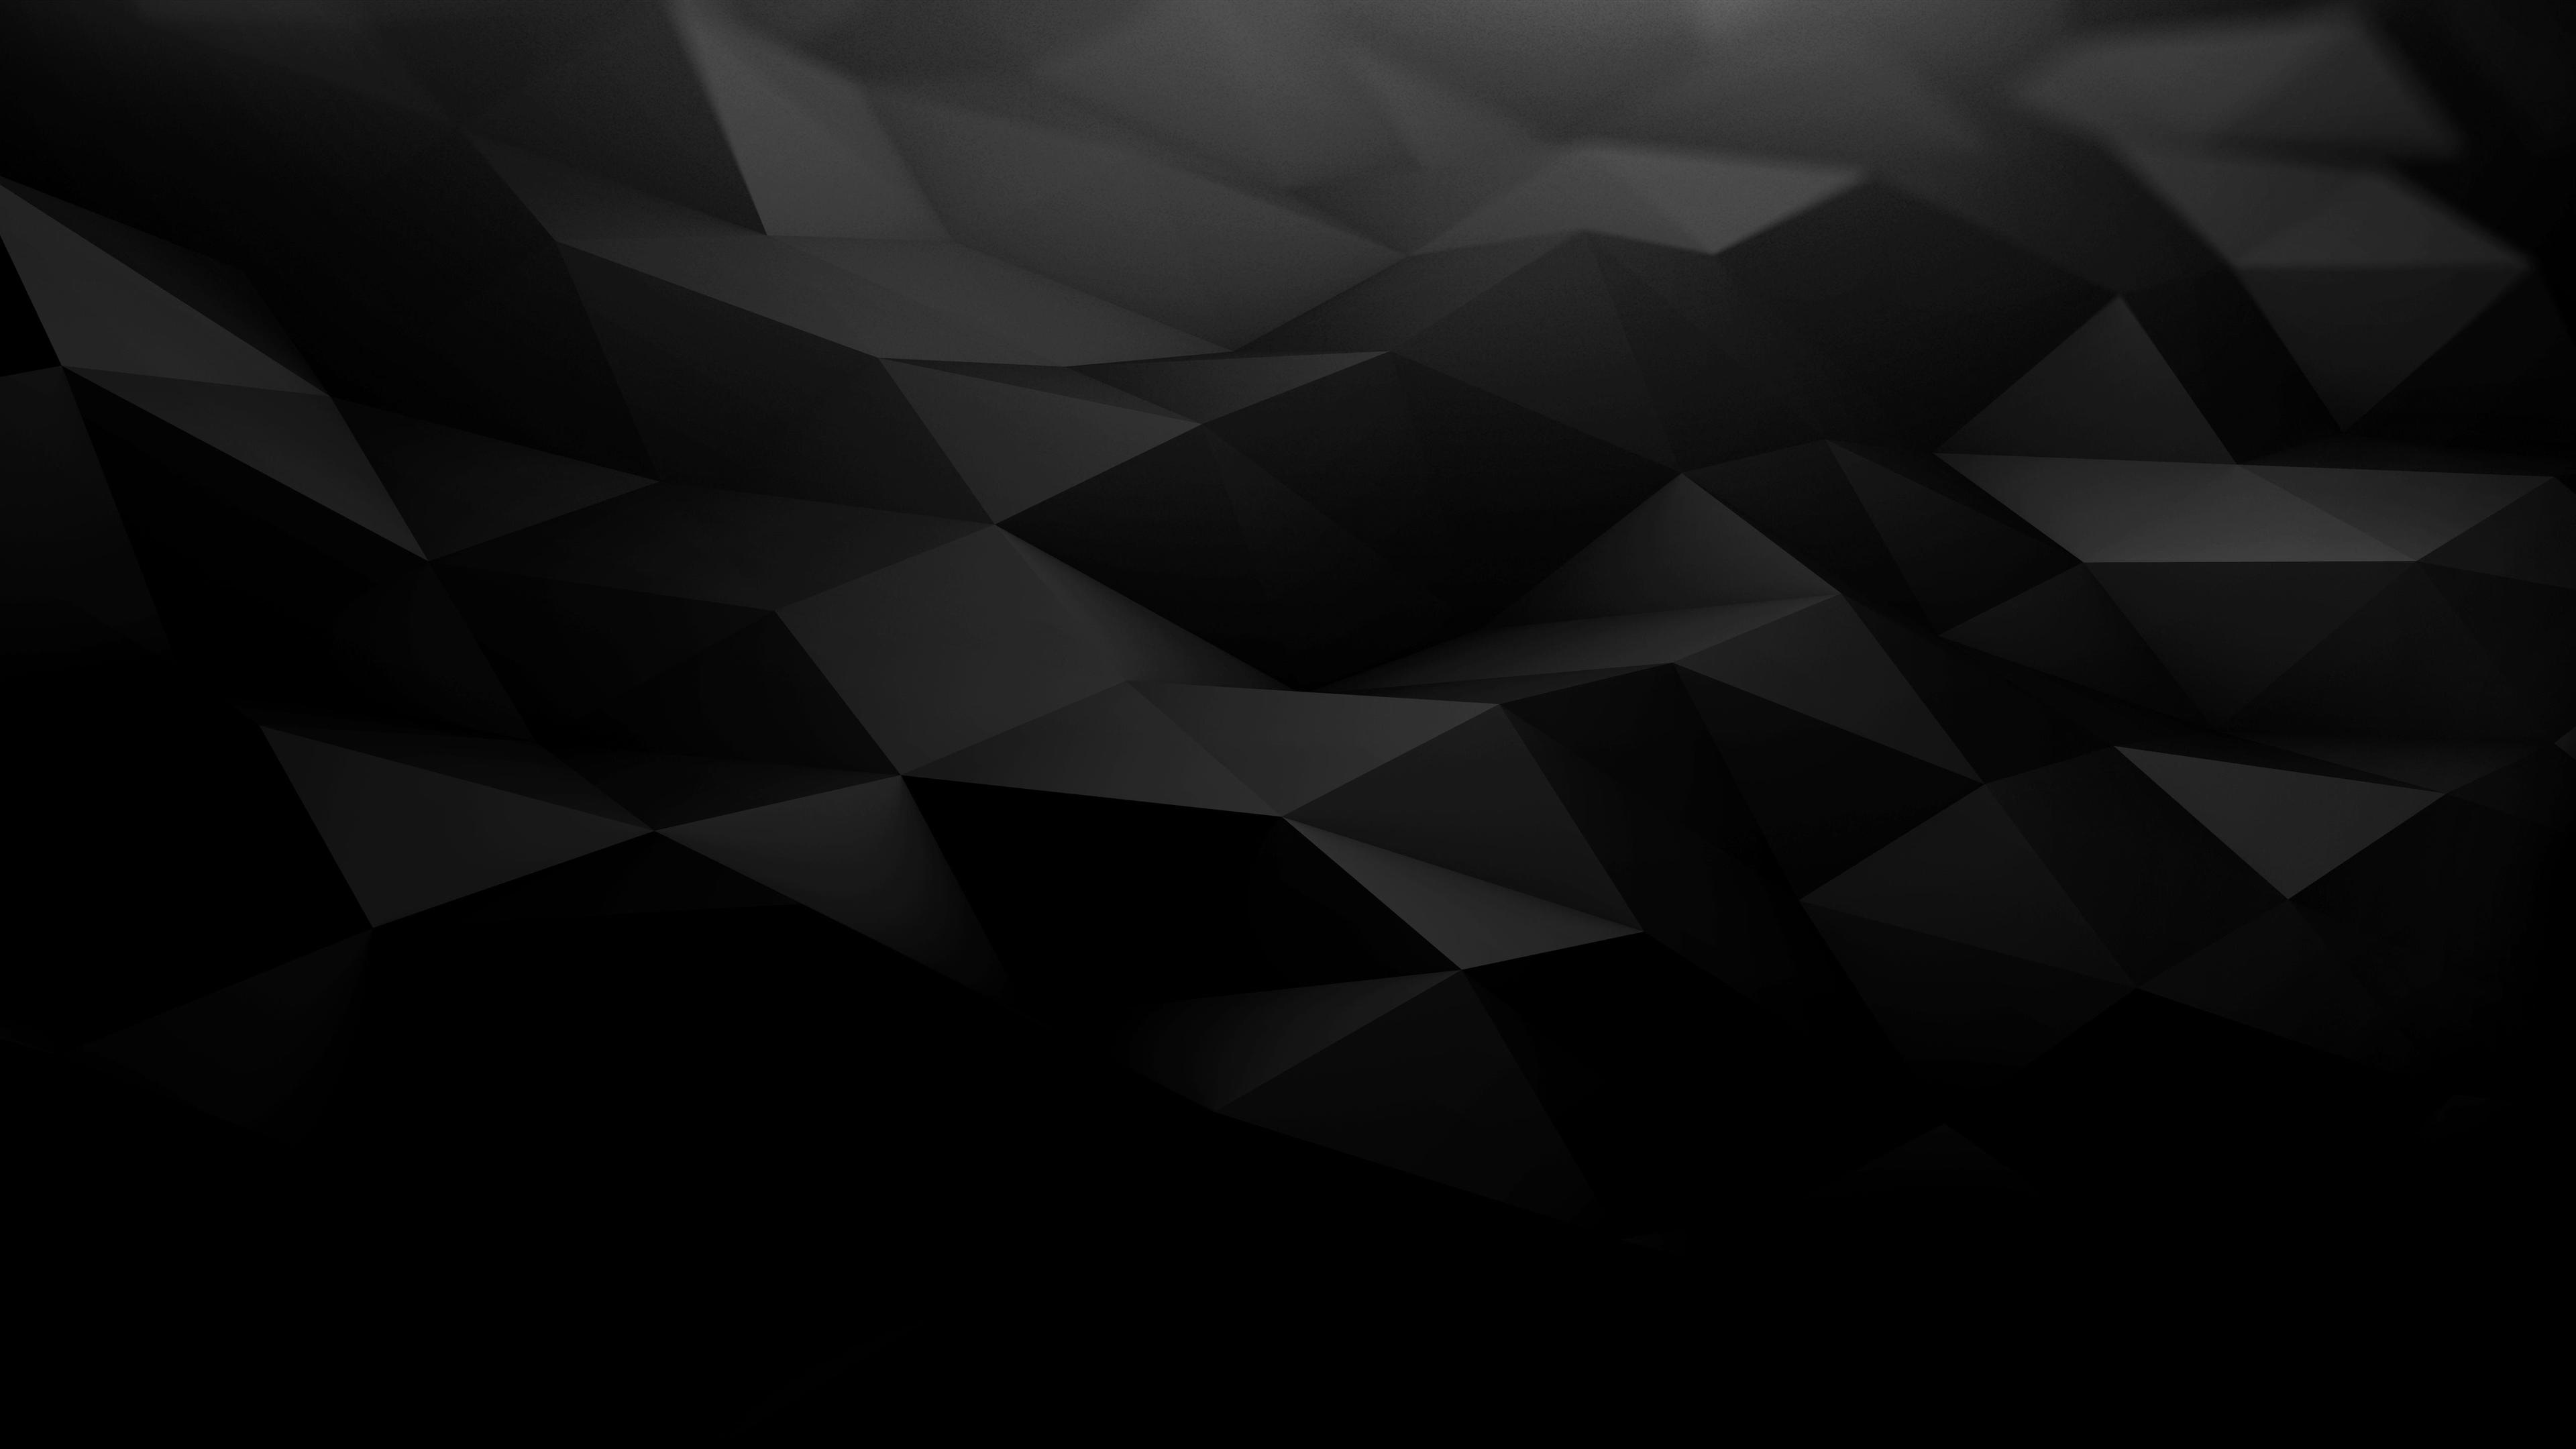 noir 5k 1539370745 - Noir 5k - hd-wallpapers, digital art wallpapers, artwork wallpapers, artist wallpapers, abstract wallpapers, 5k wallpapers, 4k-wallpapers